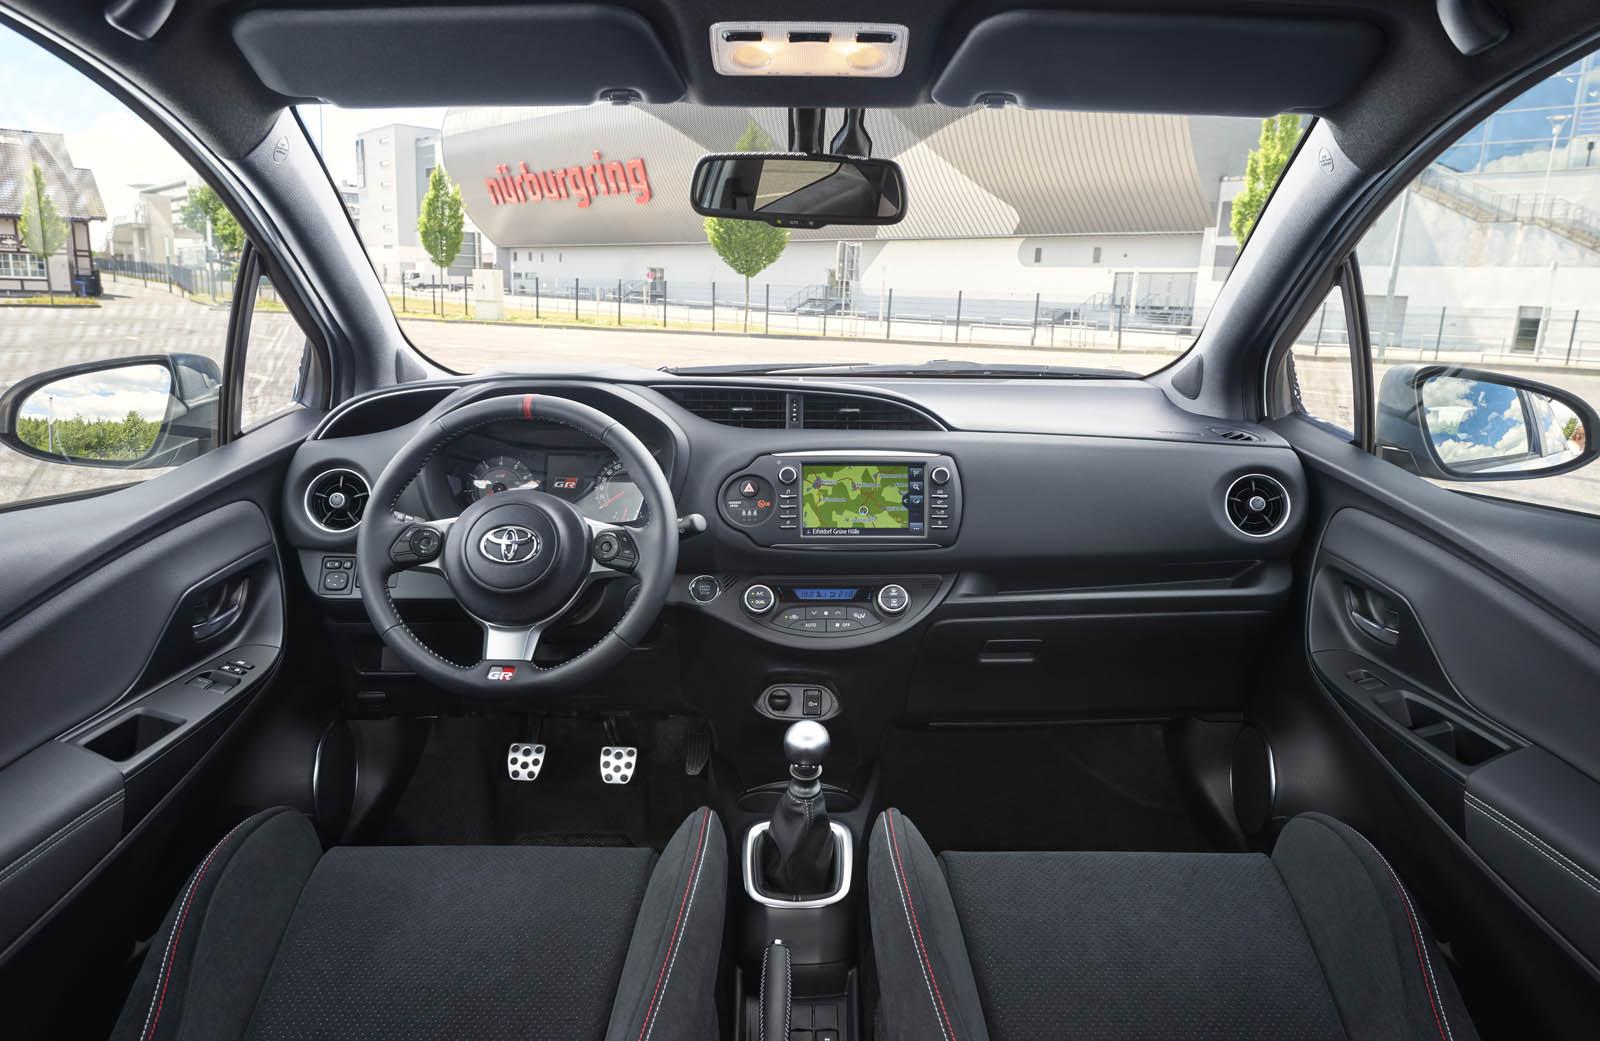 Toyota Yaris GRMN (28)